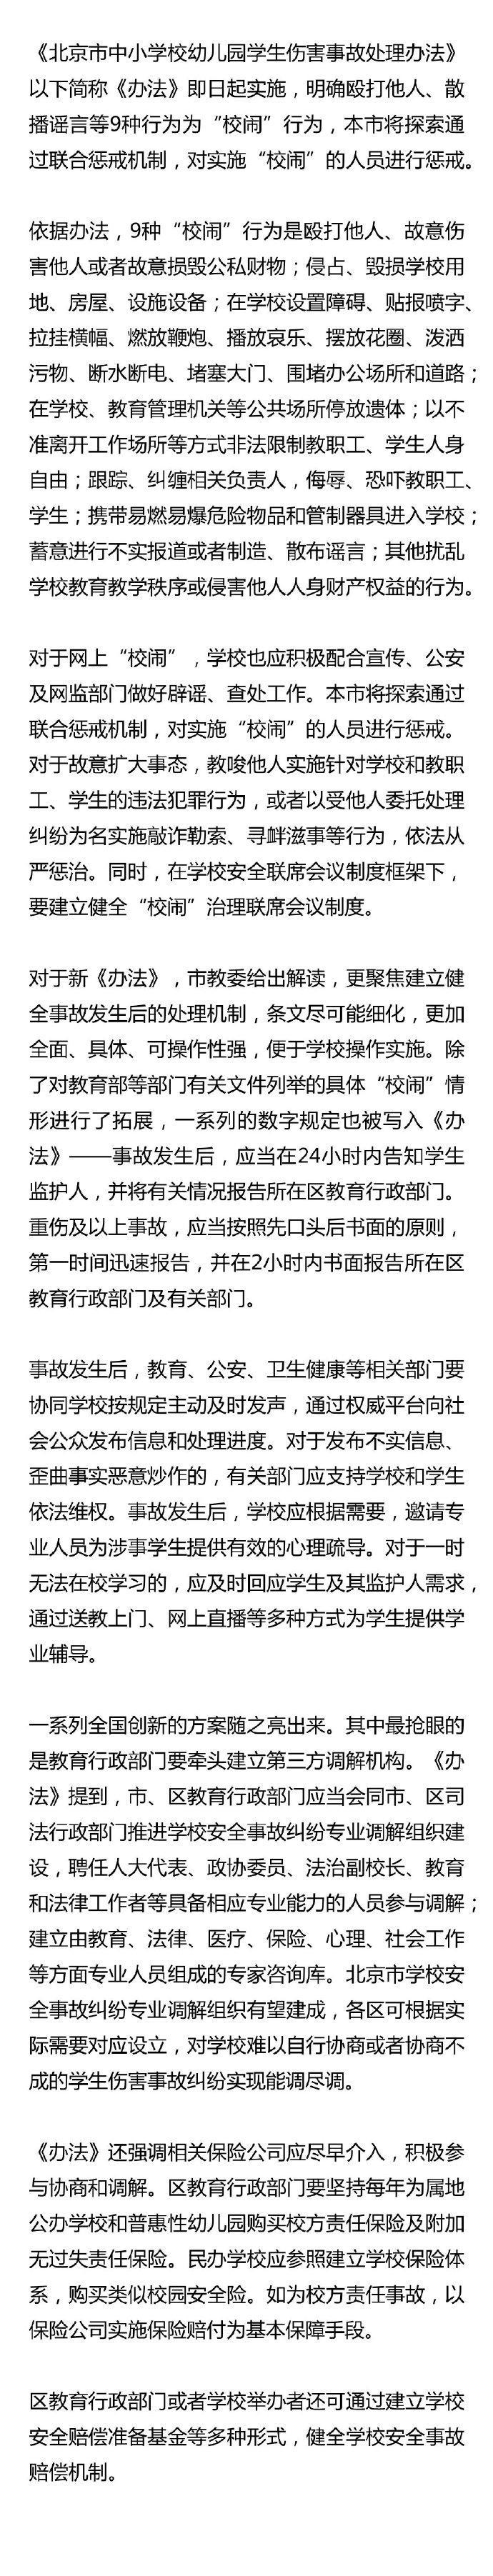 """北京:将联合惩戒九种""""校闹""""行为图片"""